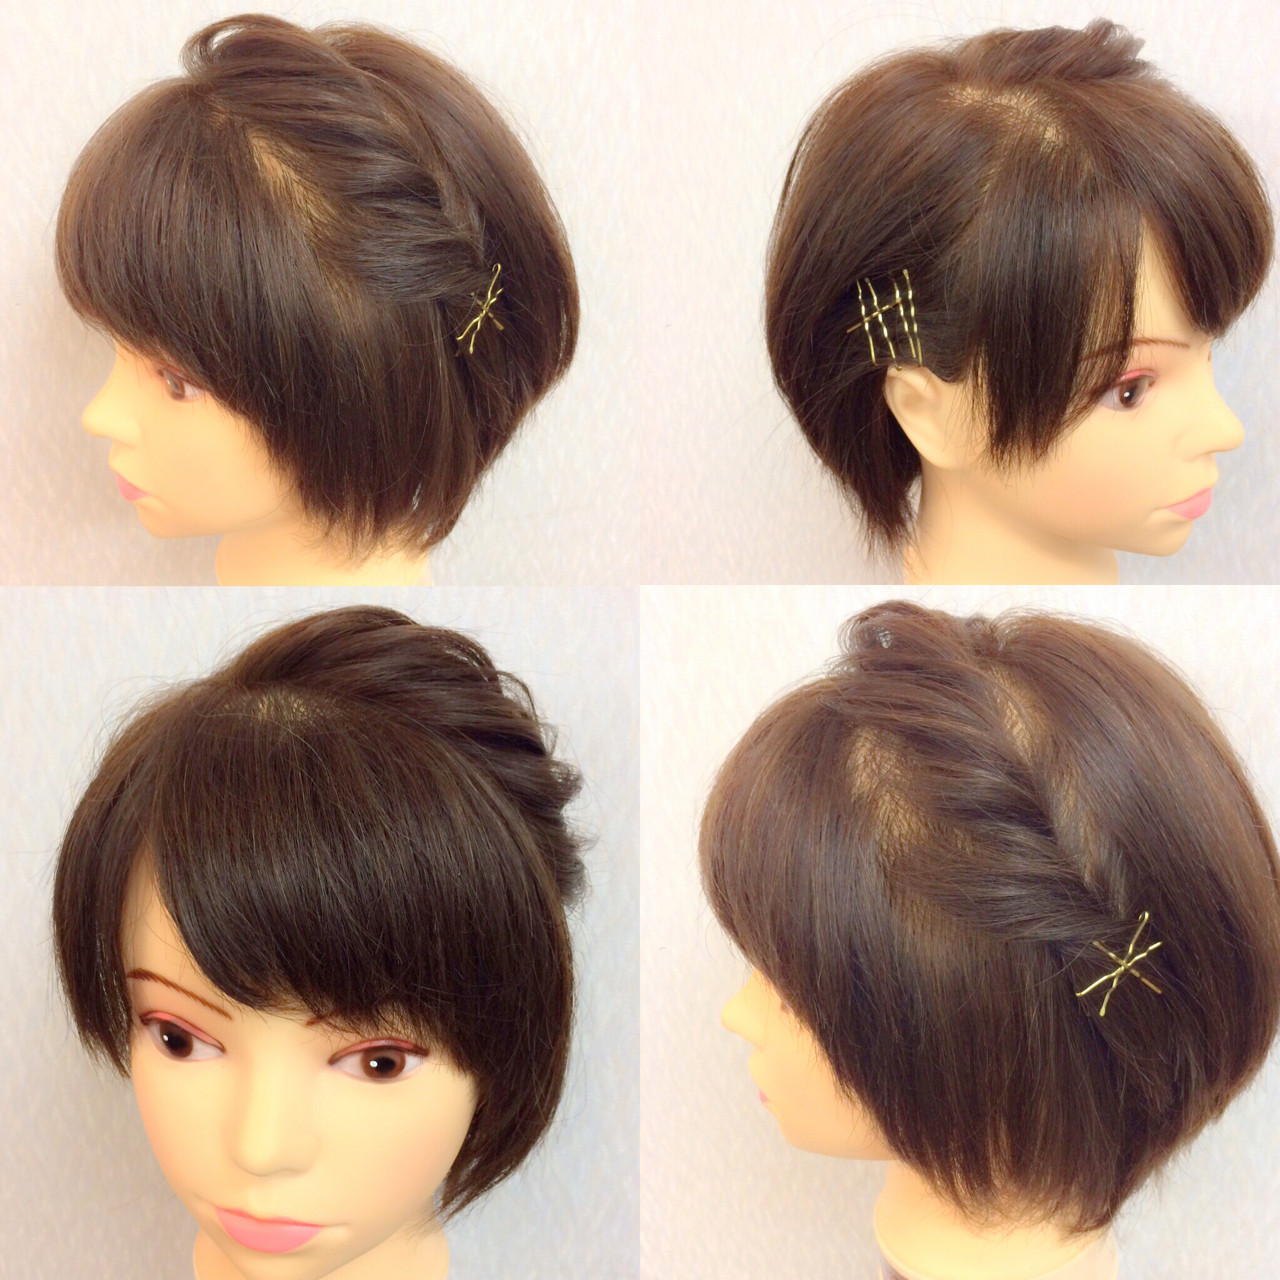 ヘアアレンジ 結婚式 簡単ヘアアレンジ 二次会 ヘアスタイルや髪型の写真・画像